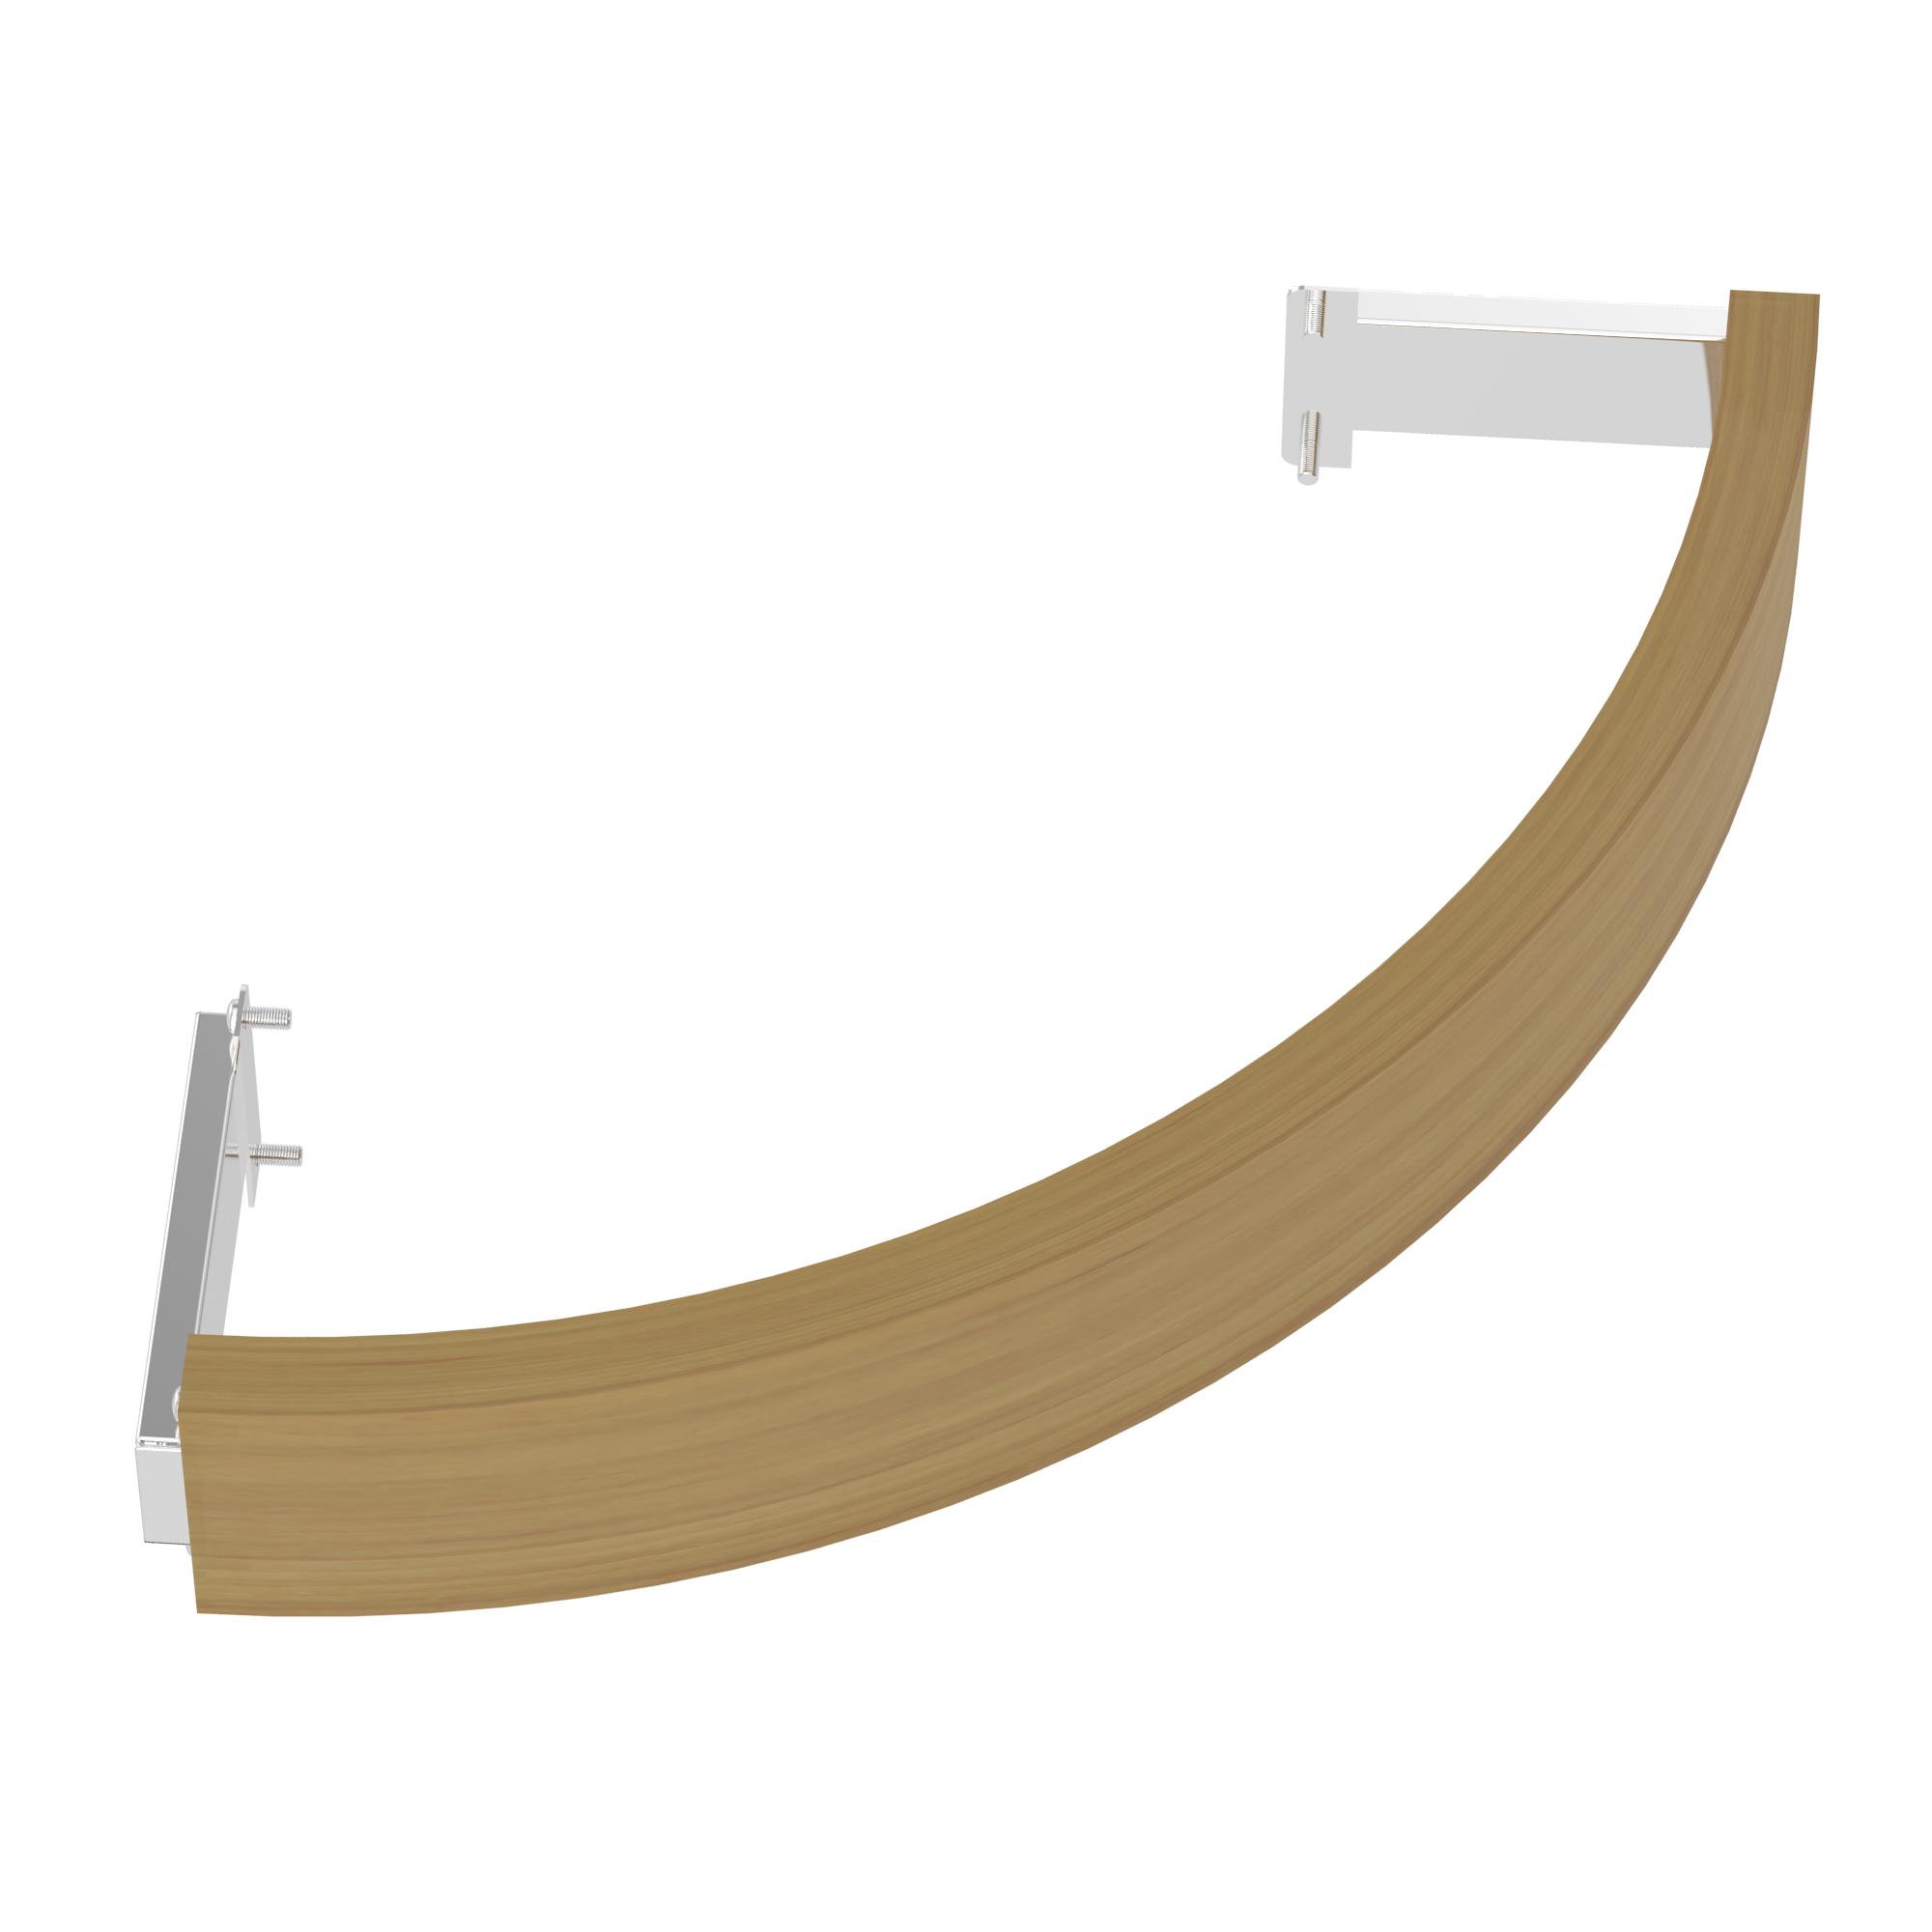 Ограждения и коврики: Деревянное ограждение SAWO TH-GUARD-W2-CNR-D для печи угловой установки TOWER TH2 TH3 (кедр)